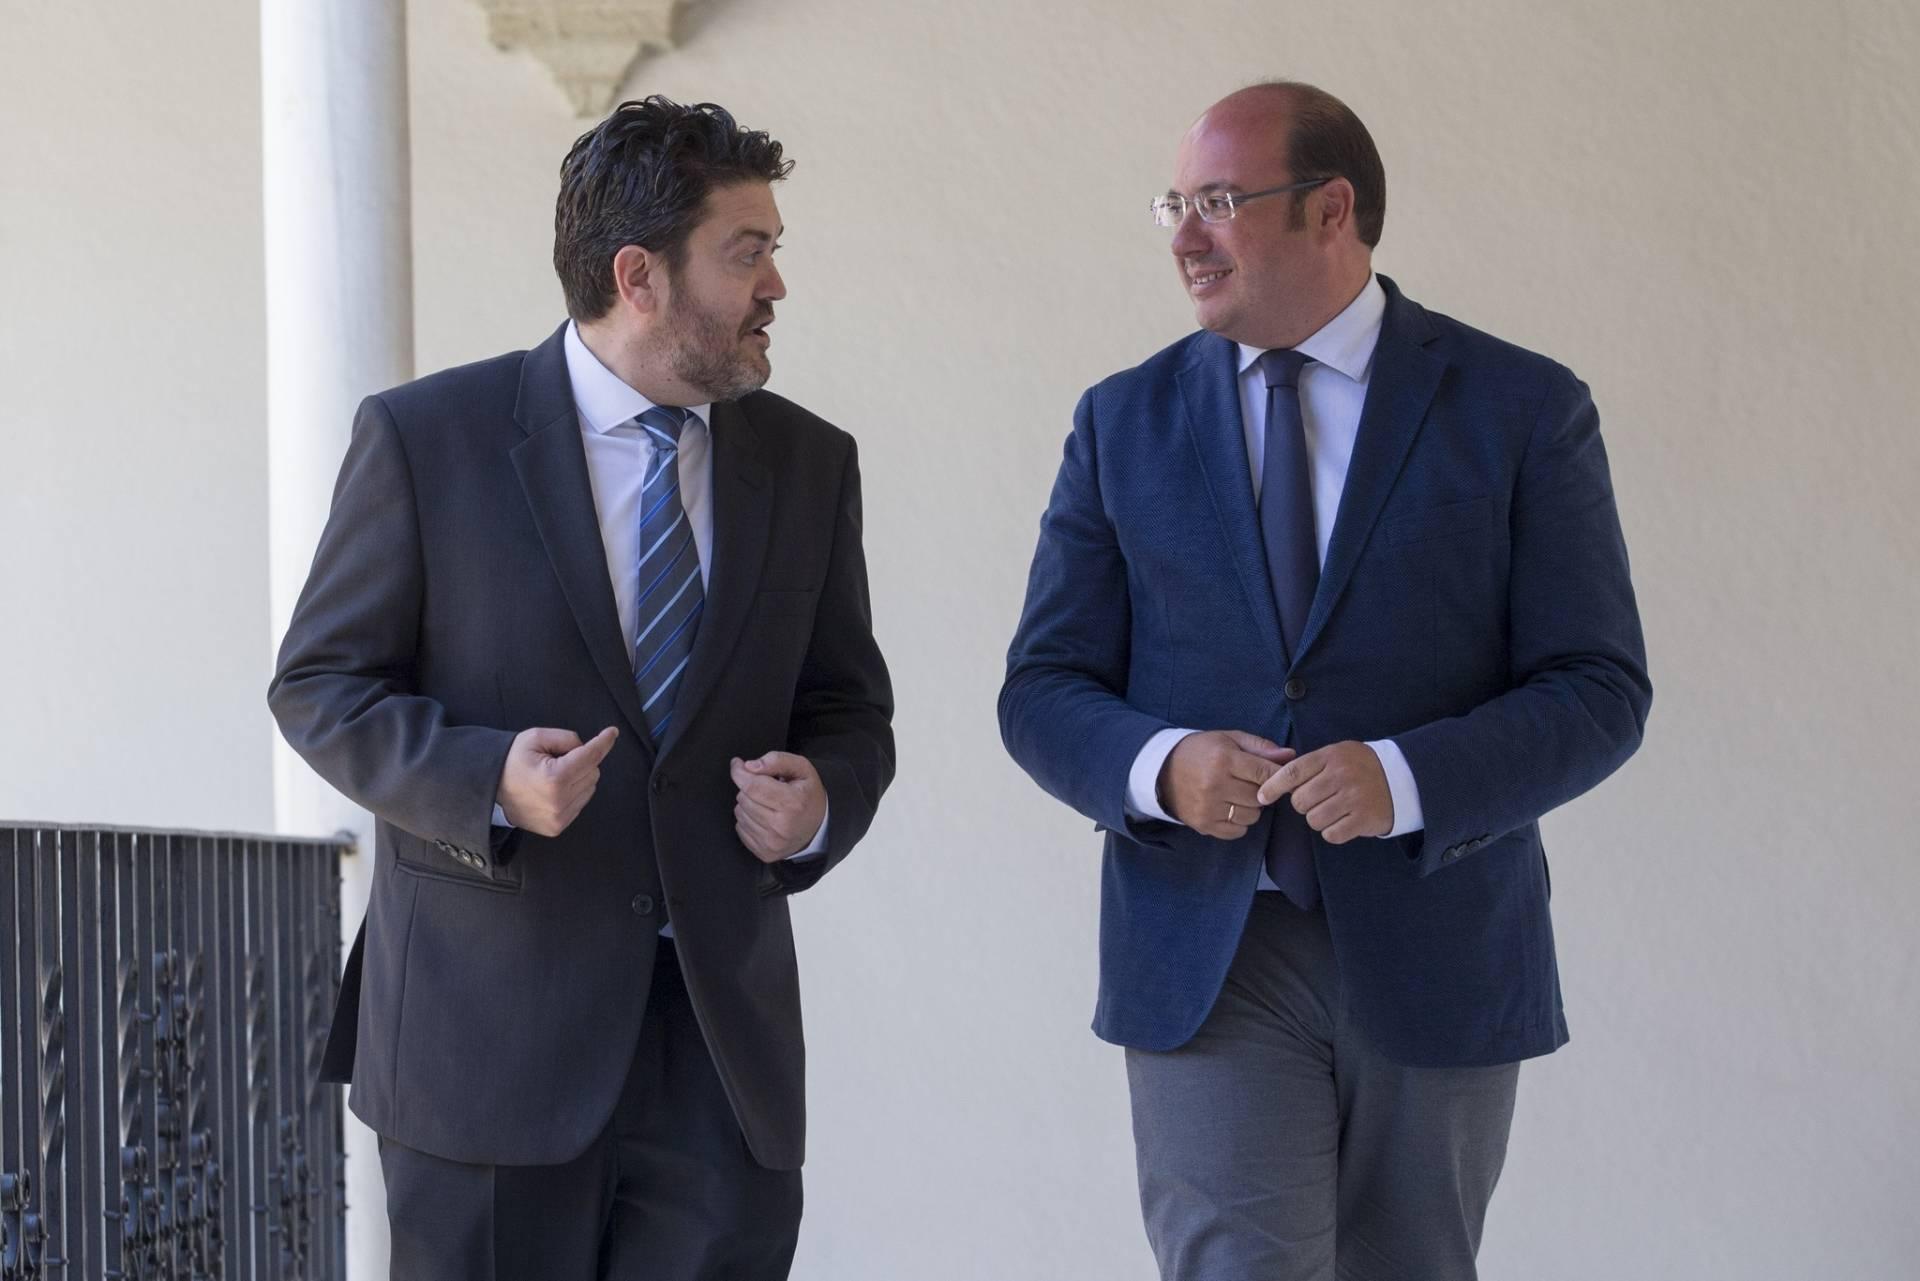 El portavoz de Ciudadanos en Murcia, Miguel Sánchez, junto al presidente de la Región, Pedro Antonio Sánchez.